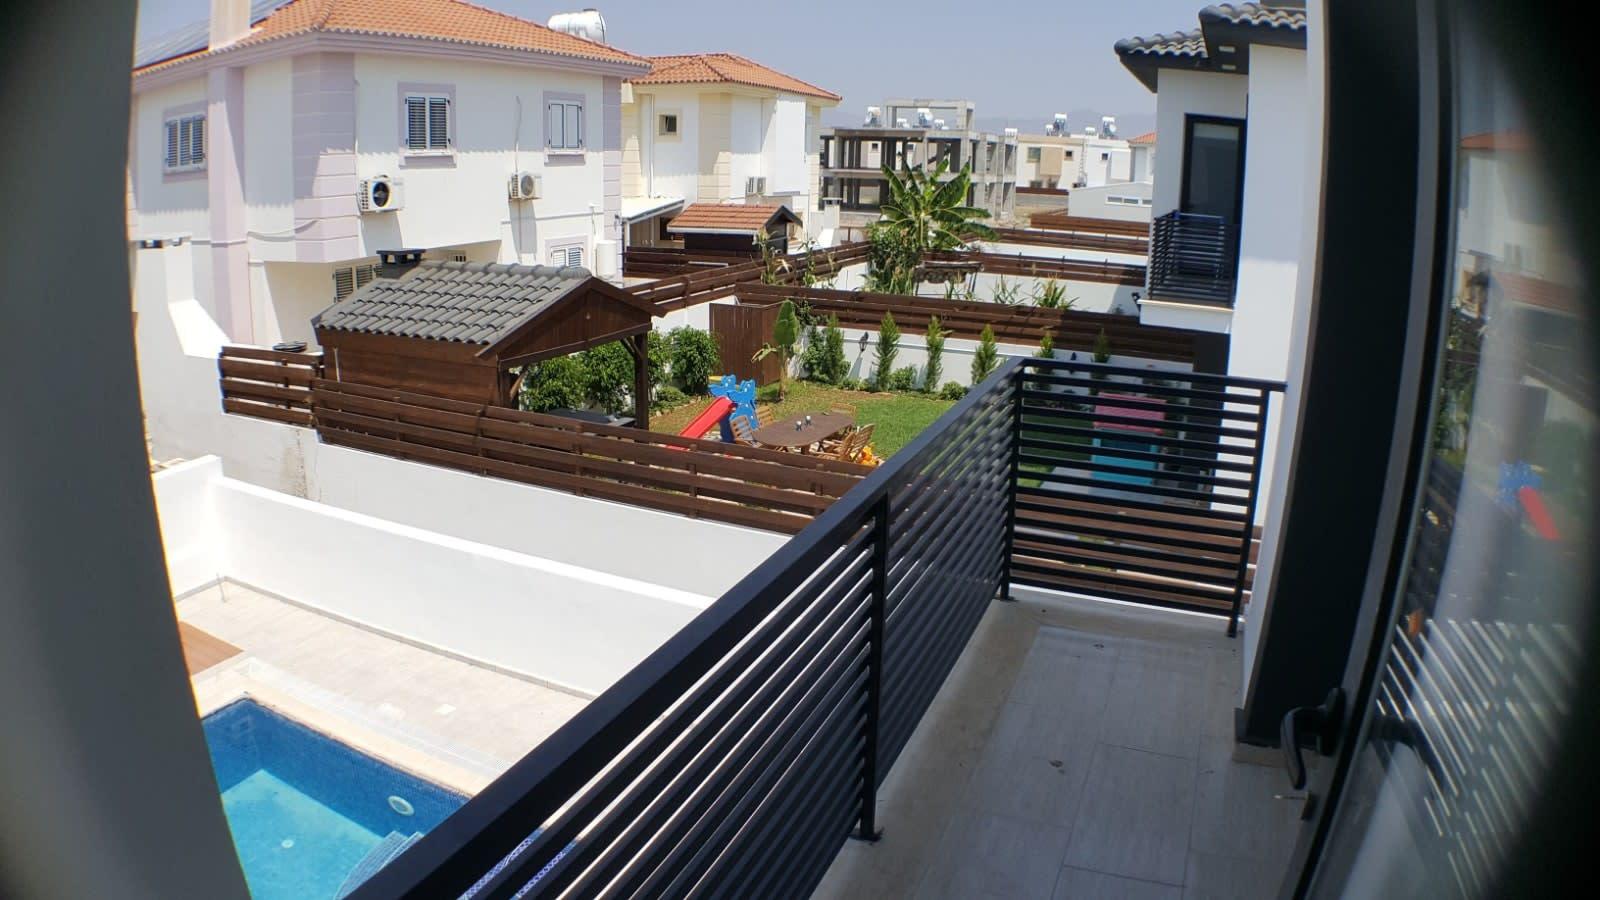 Yenikent'te 4 Yatak Odalı Satılık Havuzlu ve Türk Malı Villa 5279